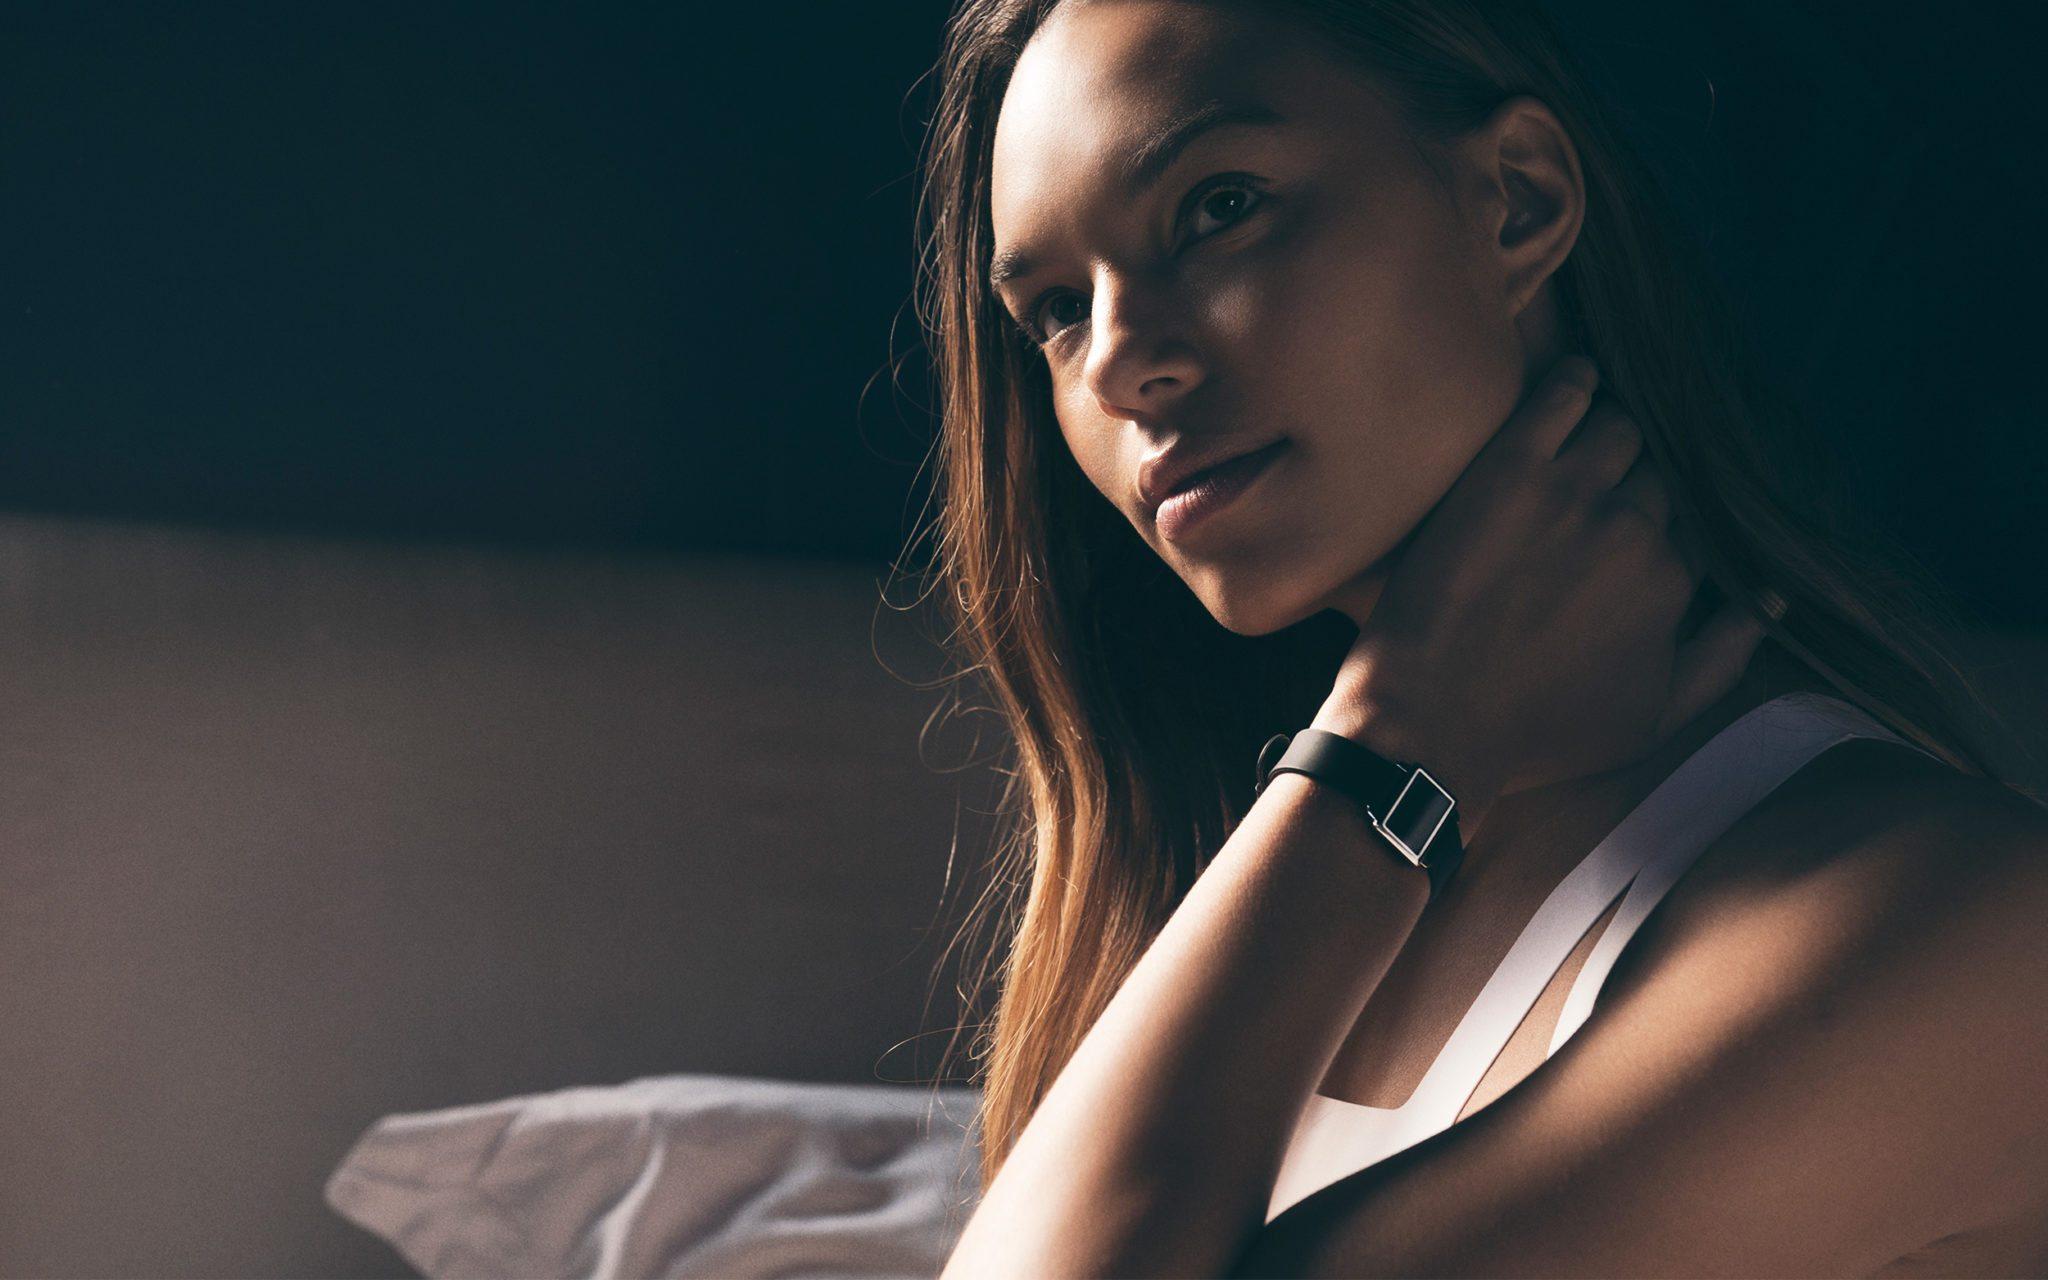 altruis x smart bracelet a personalized coach for both body and mind - Altruis X Smart Bracelet, a personalized coach for both body and mind